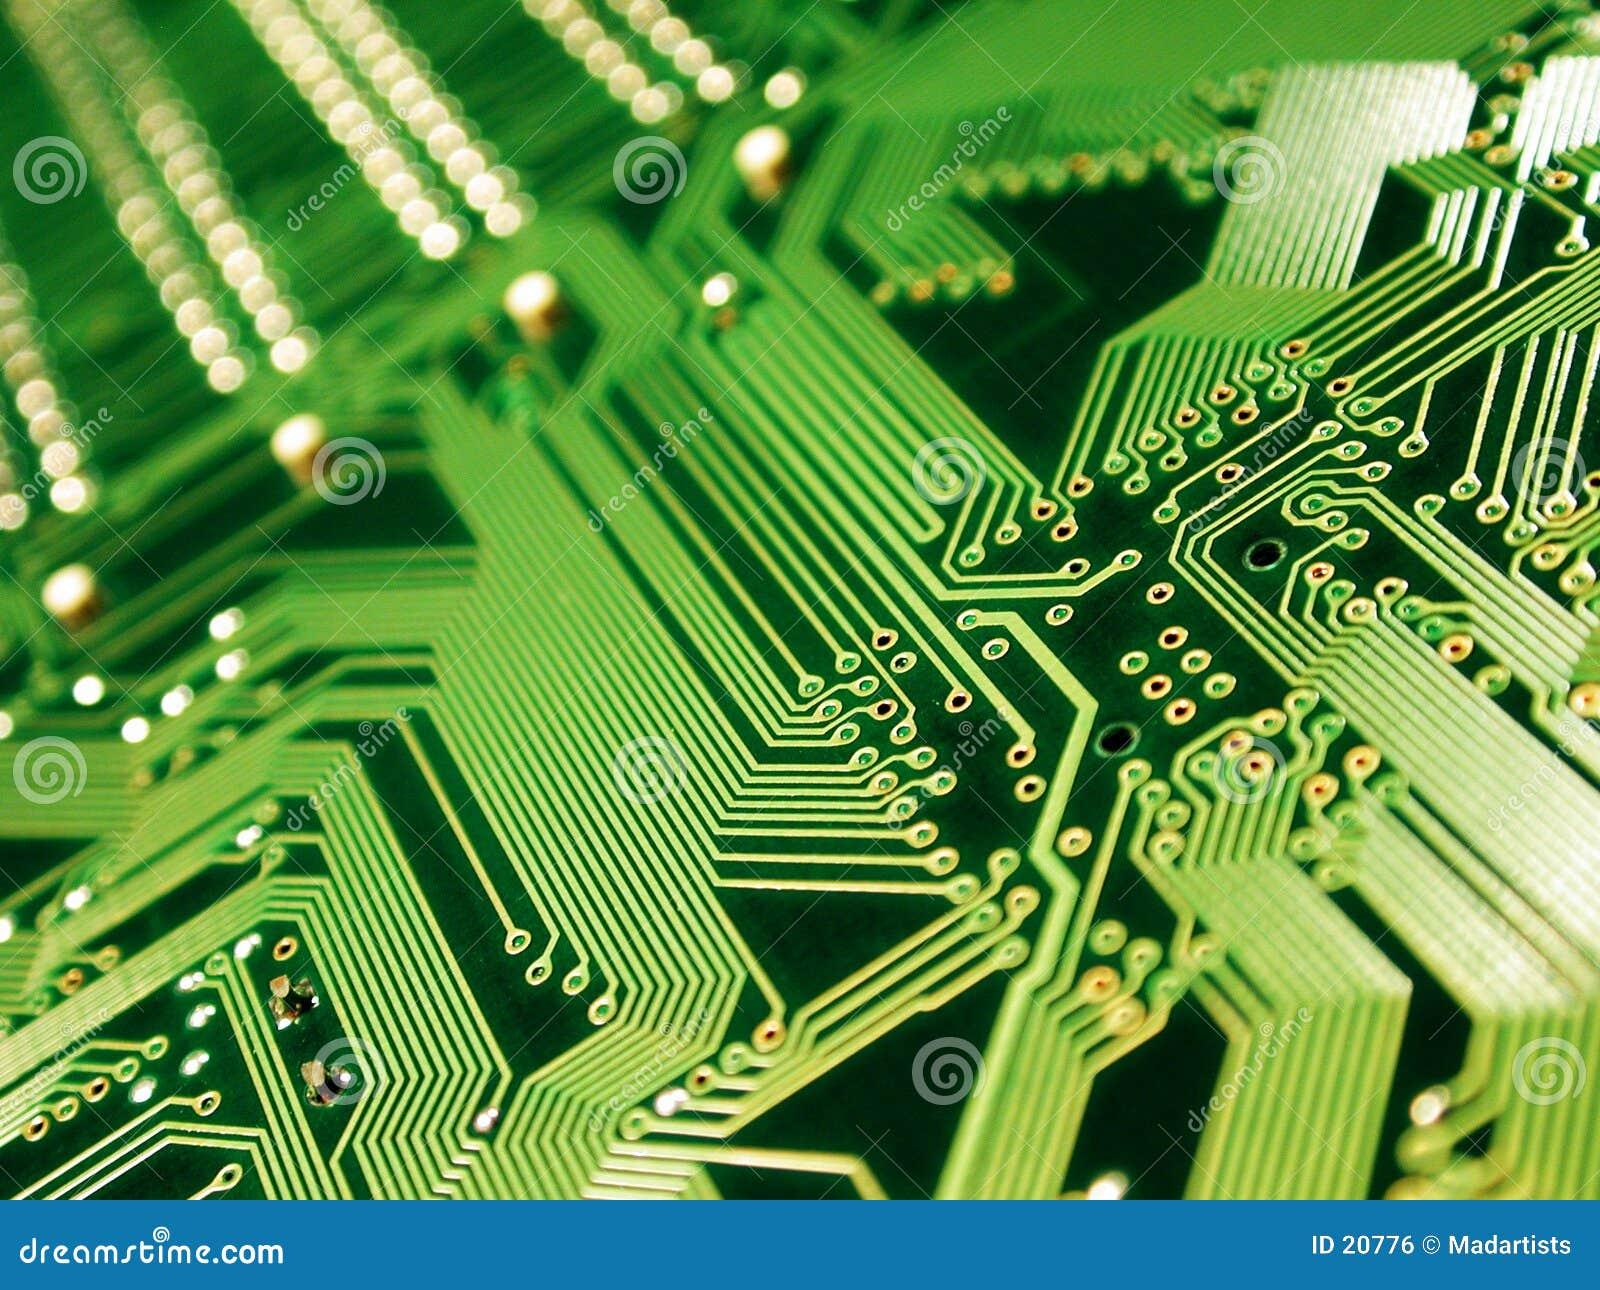 Computerhardware-Motherboard